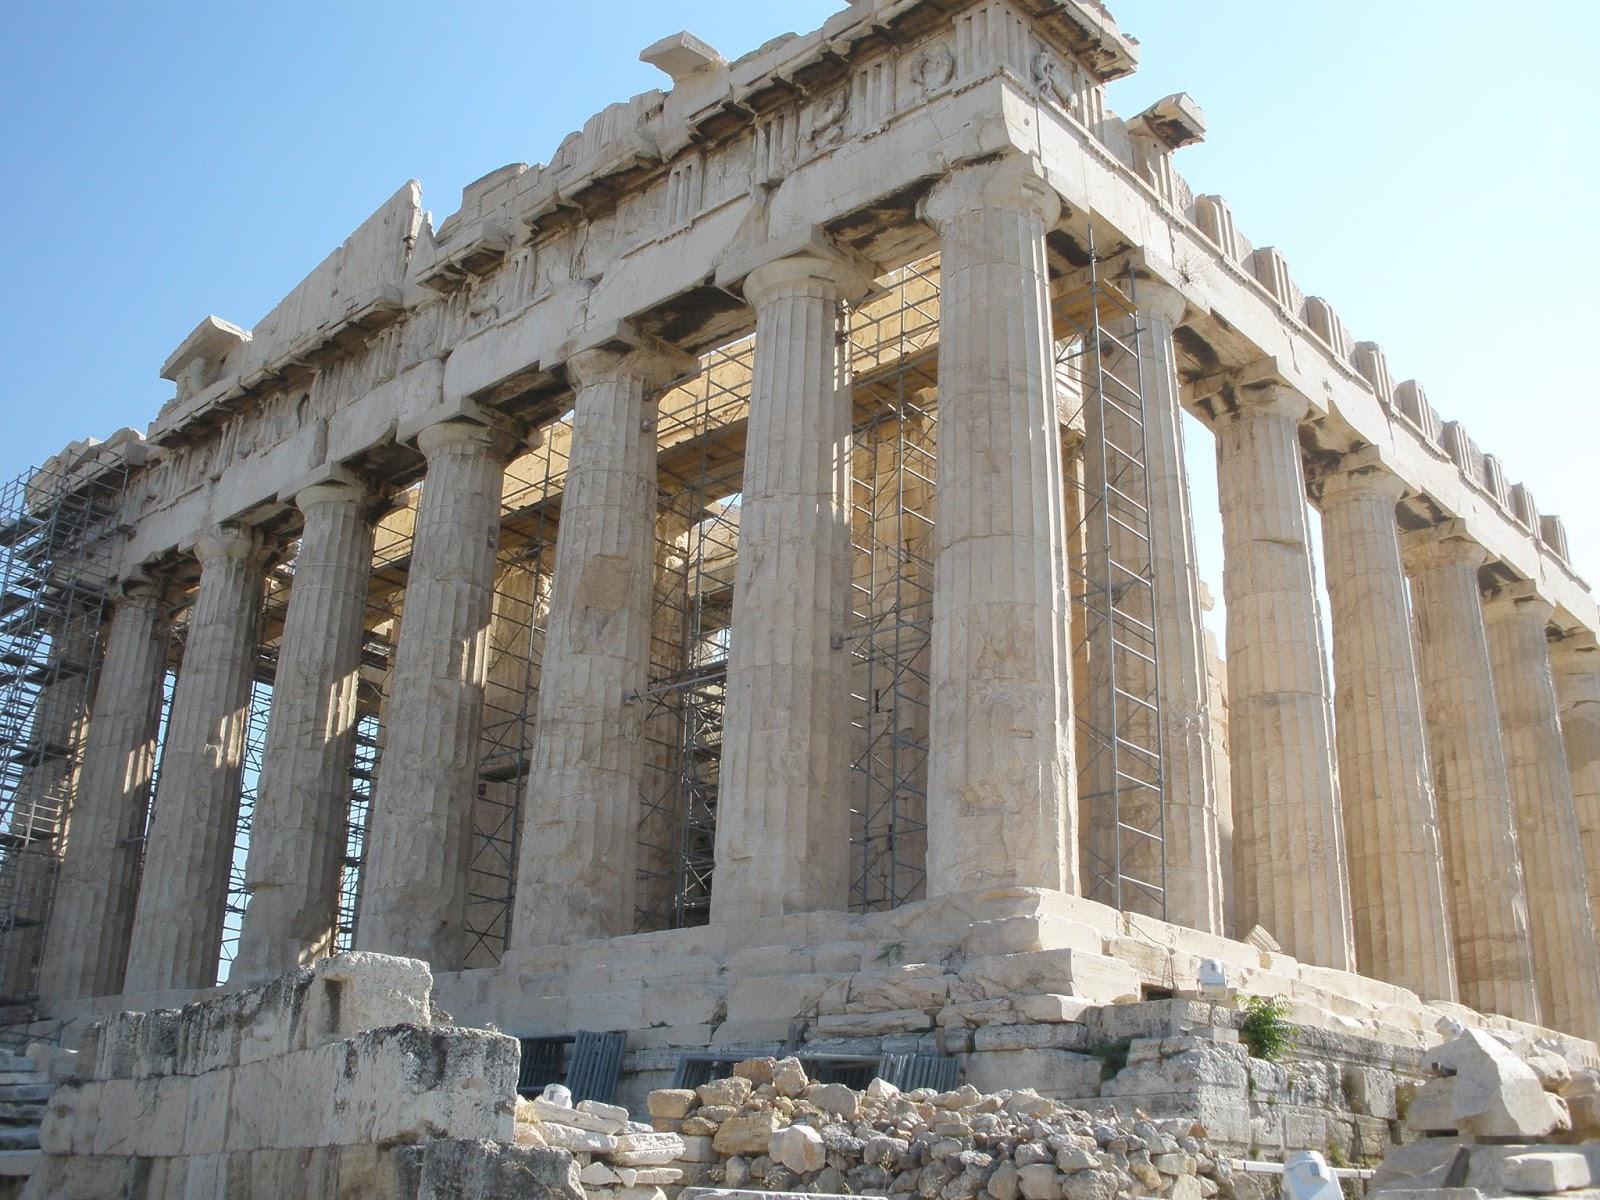 El Partenón, (Atenas, Grecia) templo dórico construido entre el 447 y 432 a.C. dedicado a la Diosa Atenea